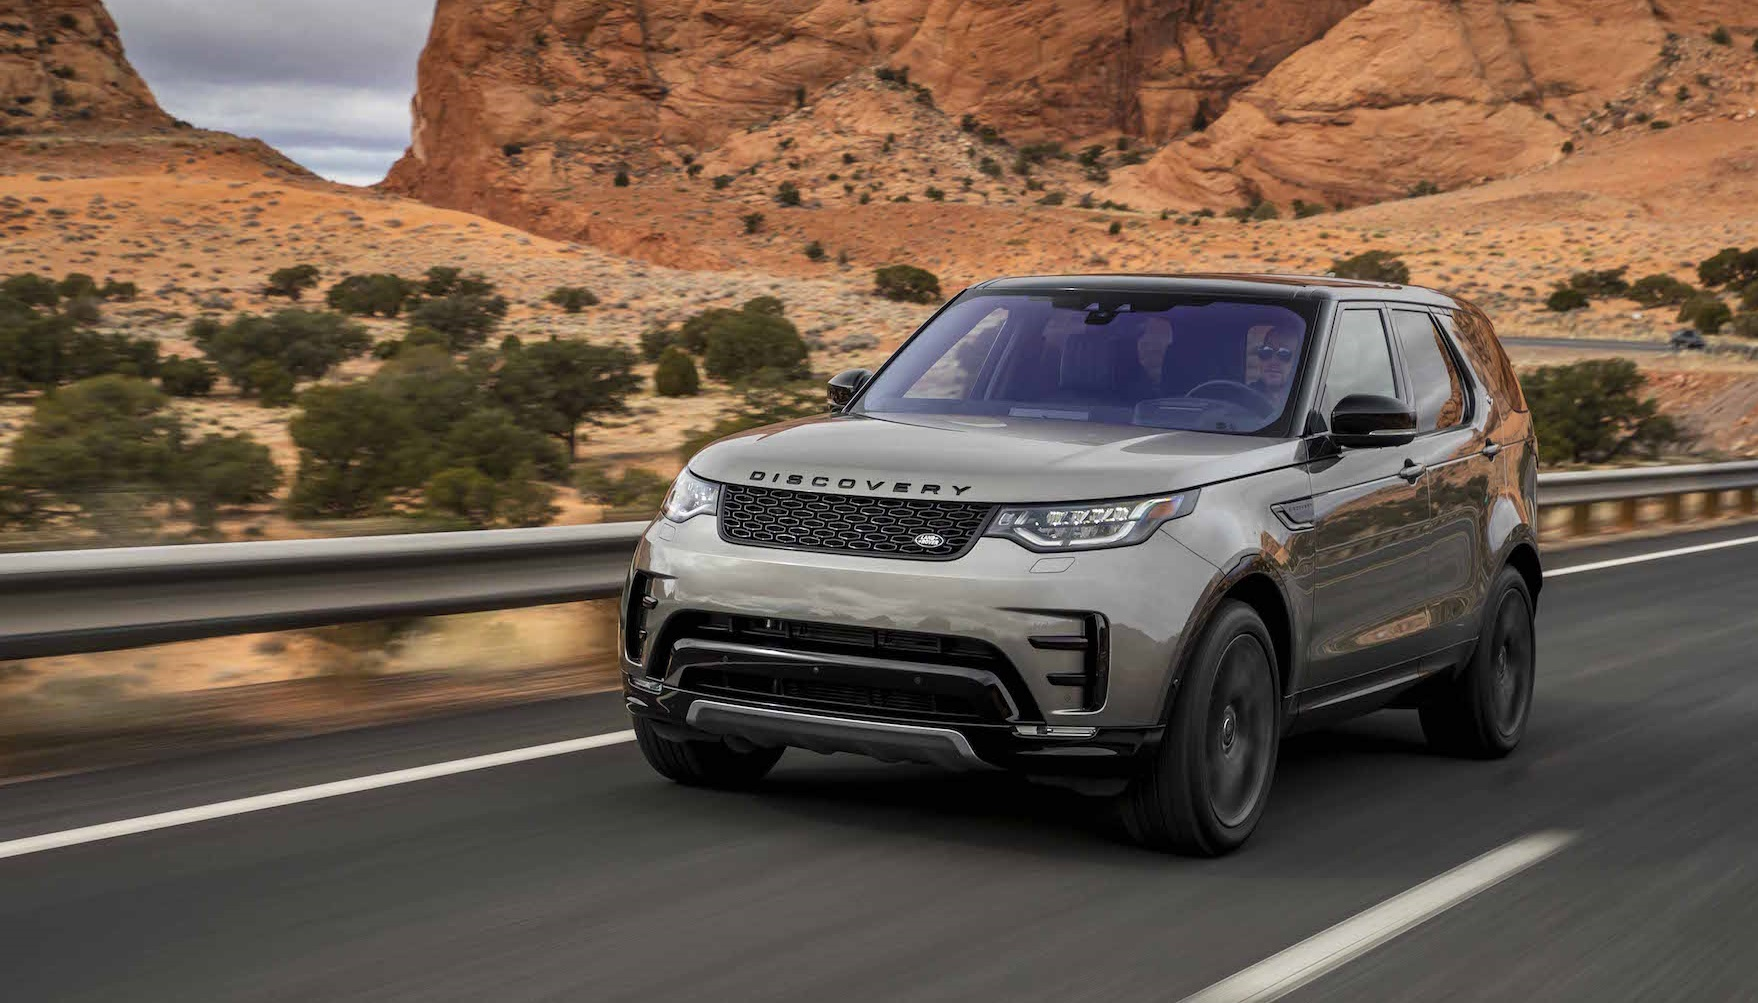 Land Rover Discovery recebe novo motor e tecnologias de segurança